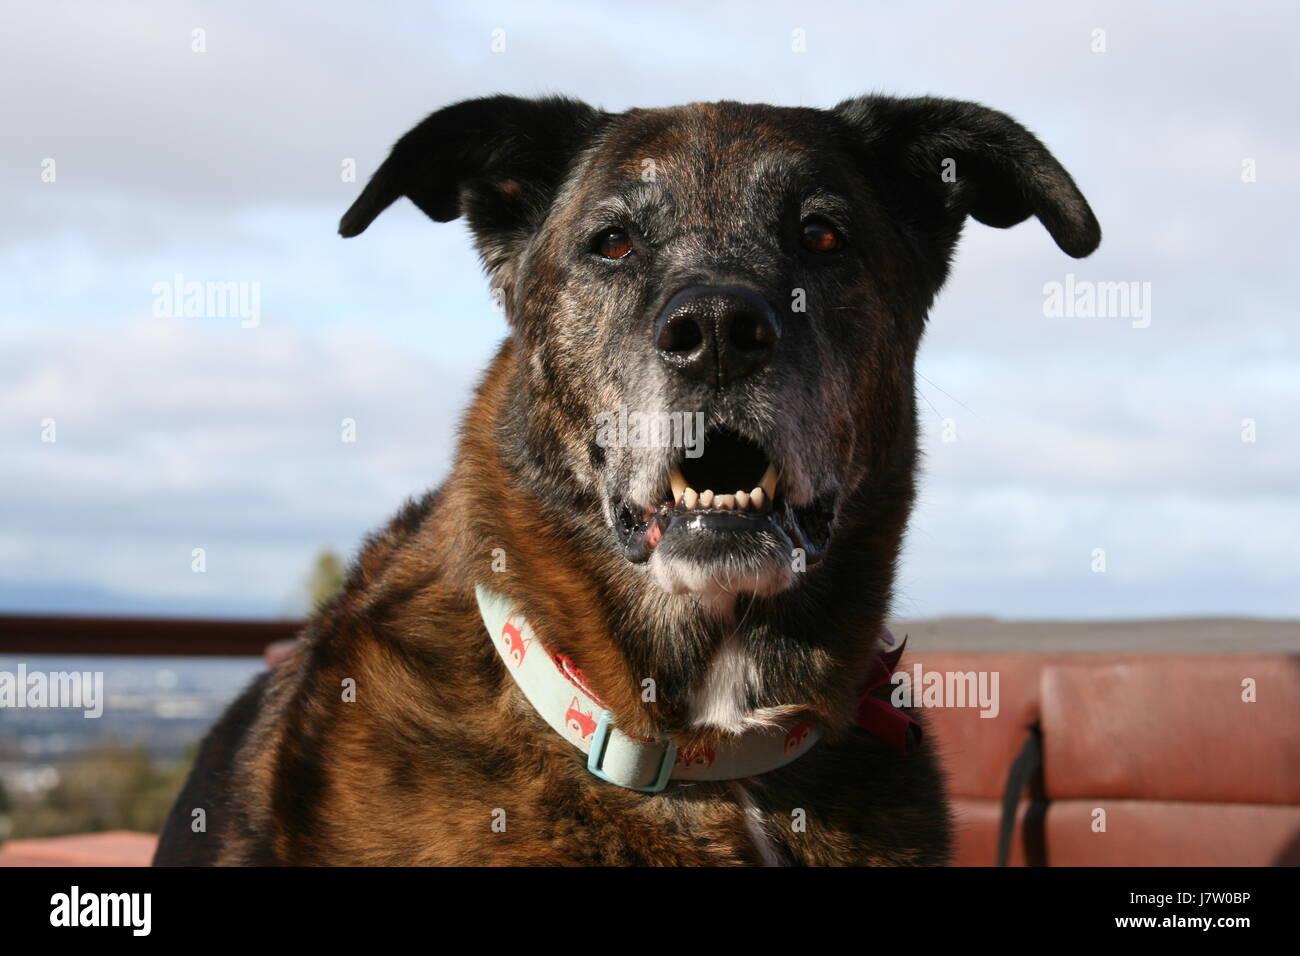 Brindle Shepherd Dog - Stock Image